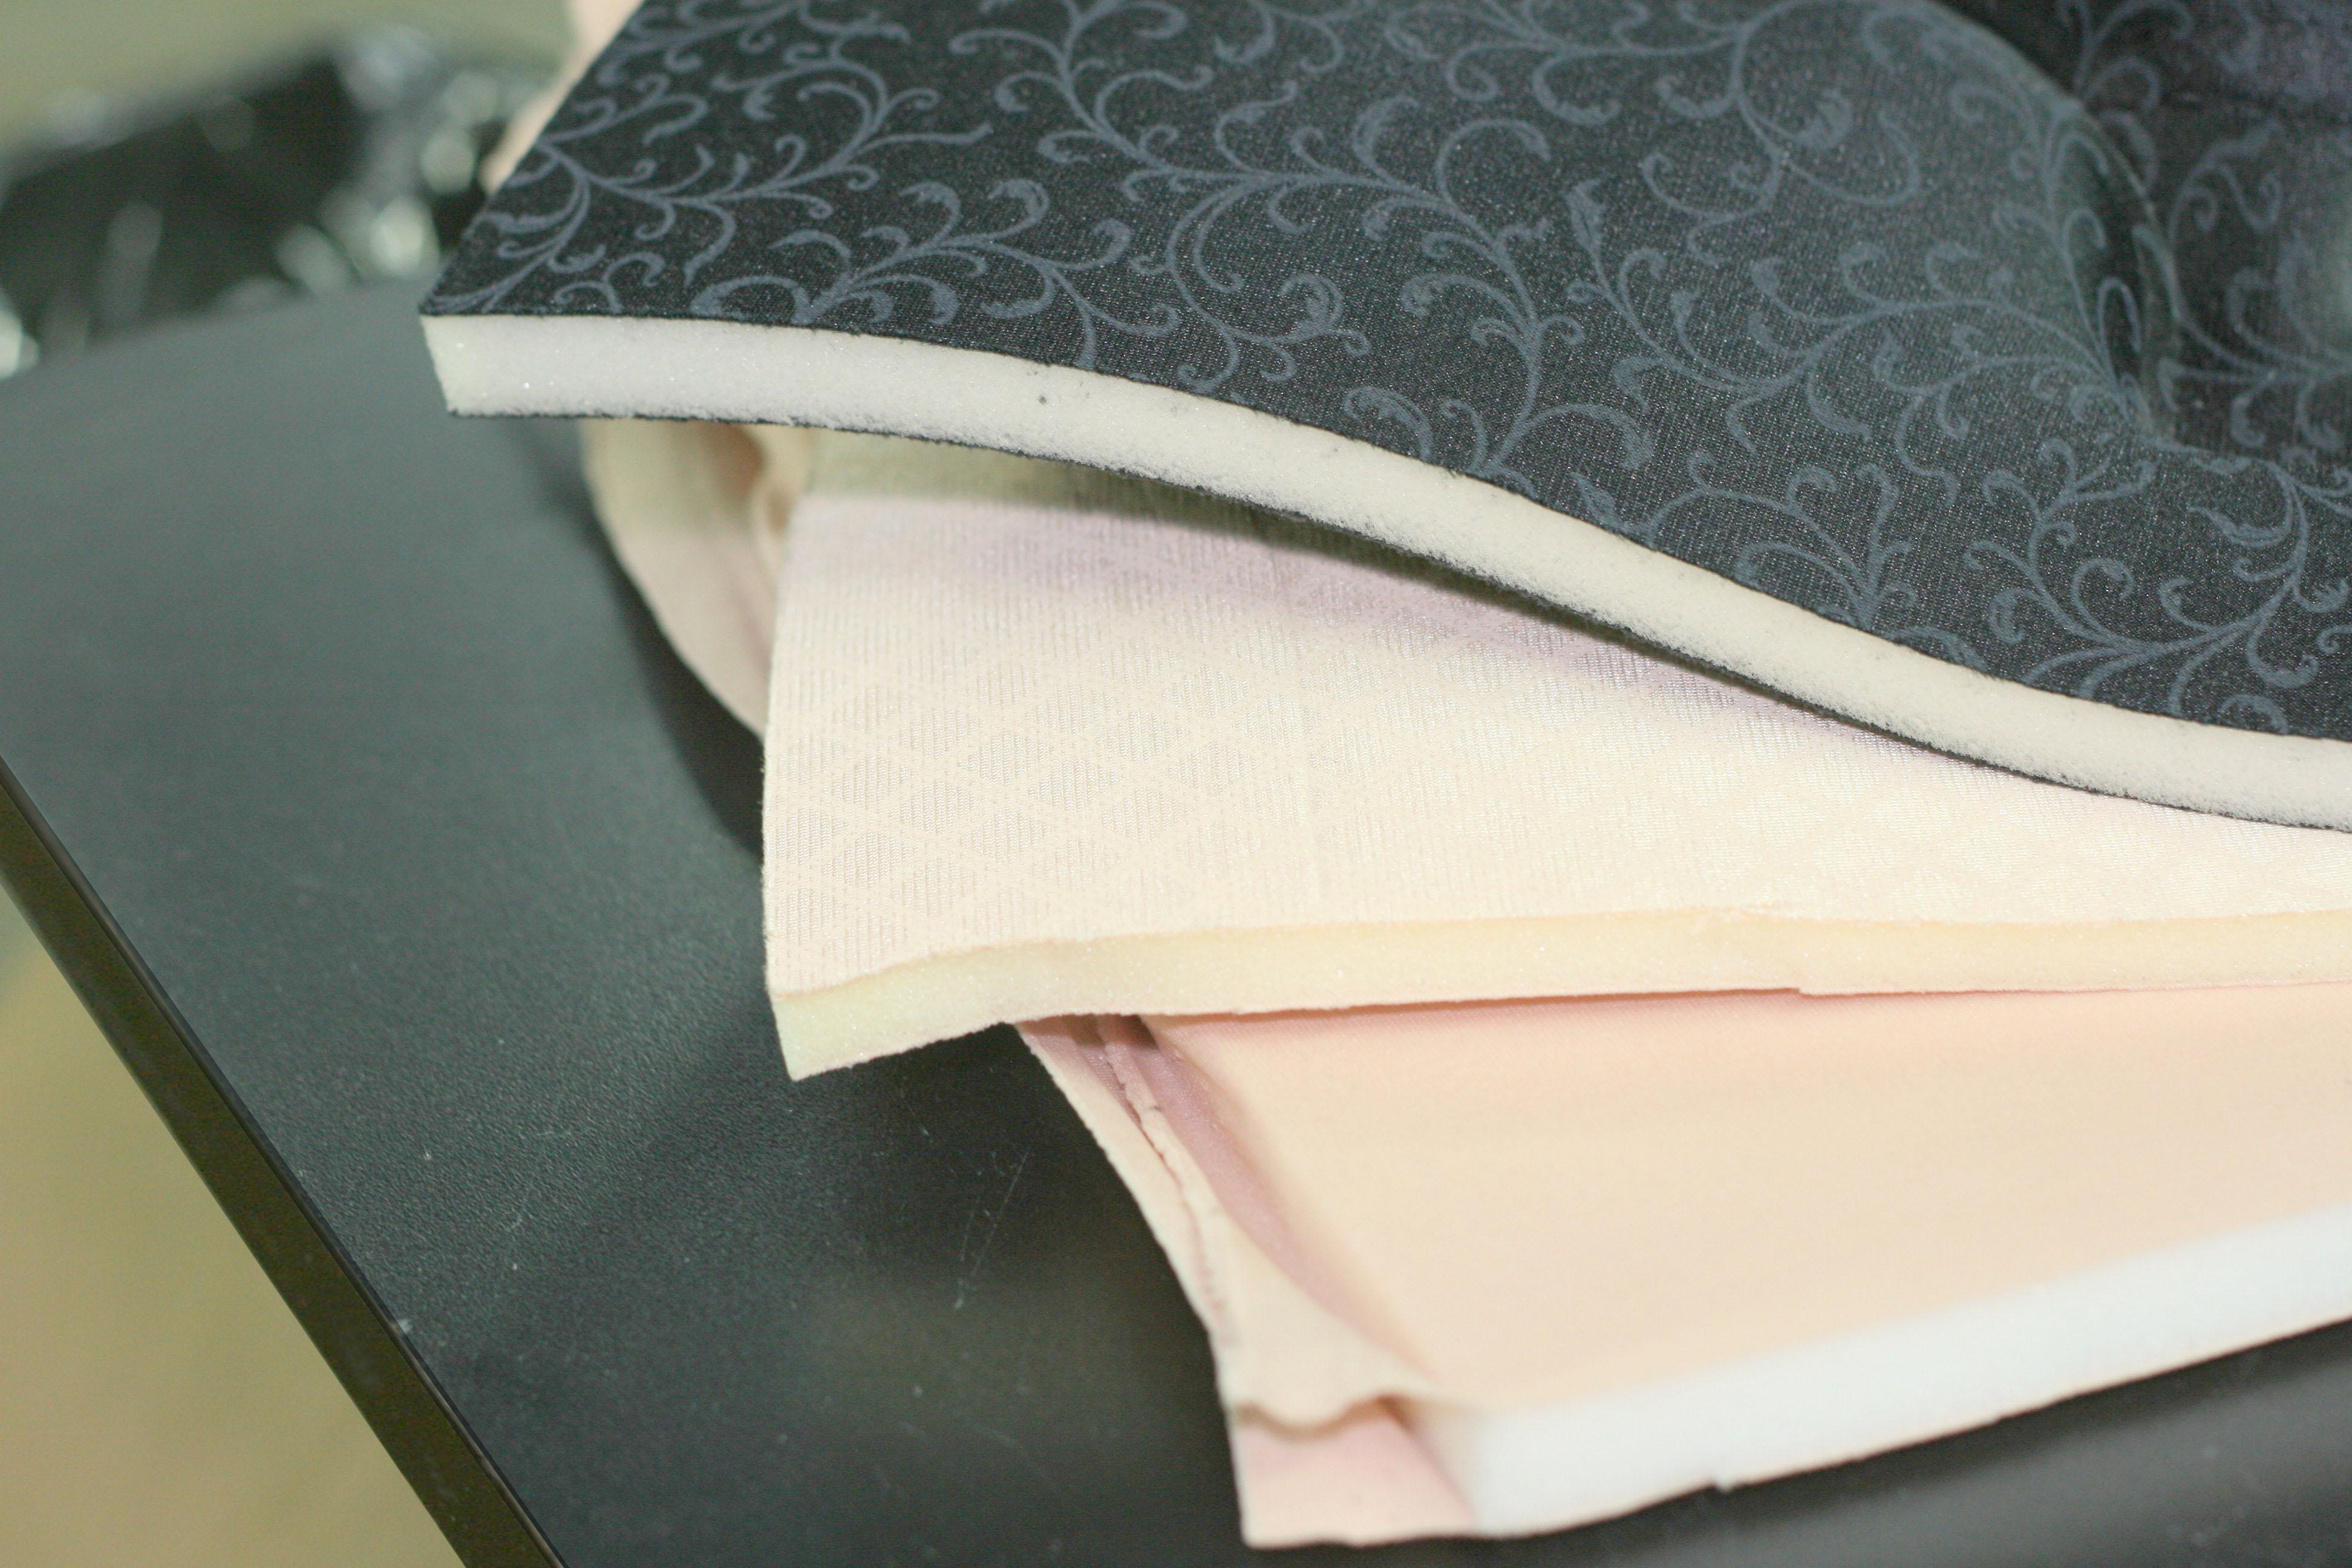 Tissu laminé sur une mousse de 1/2 pouce servant pour le moulage de soustien-gorge